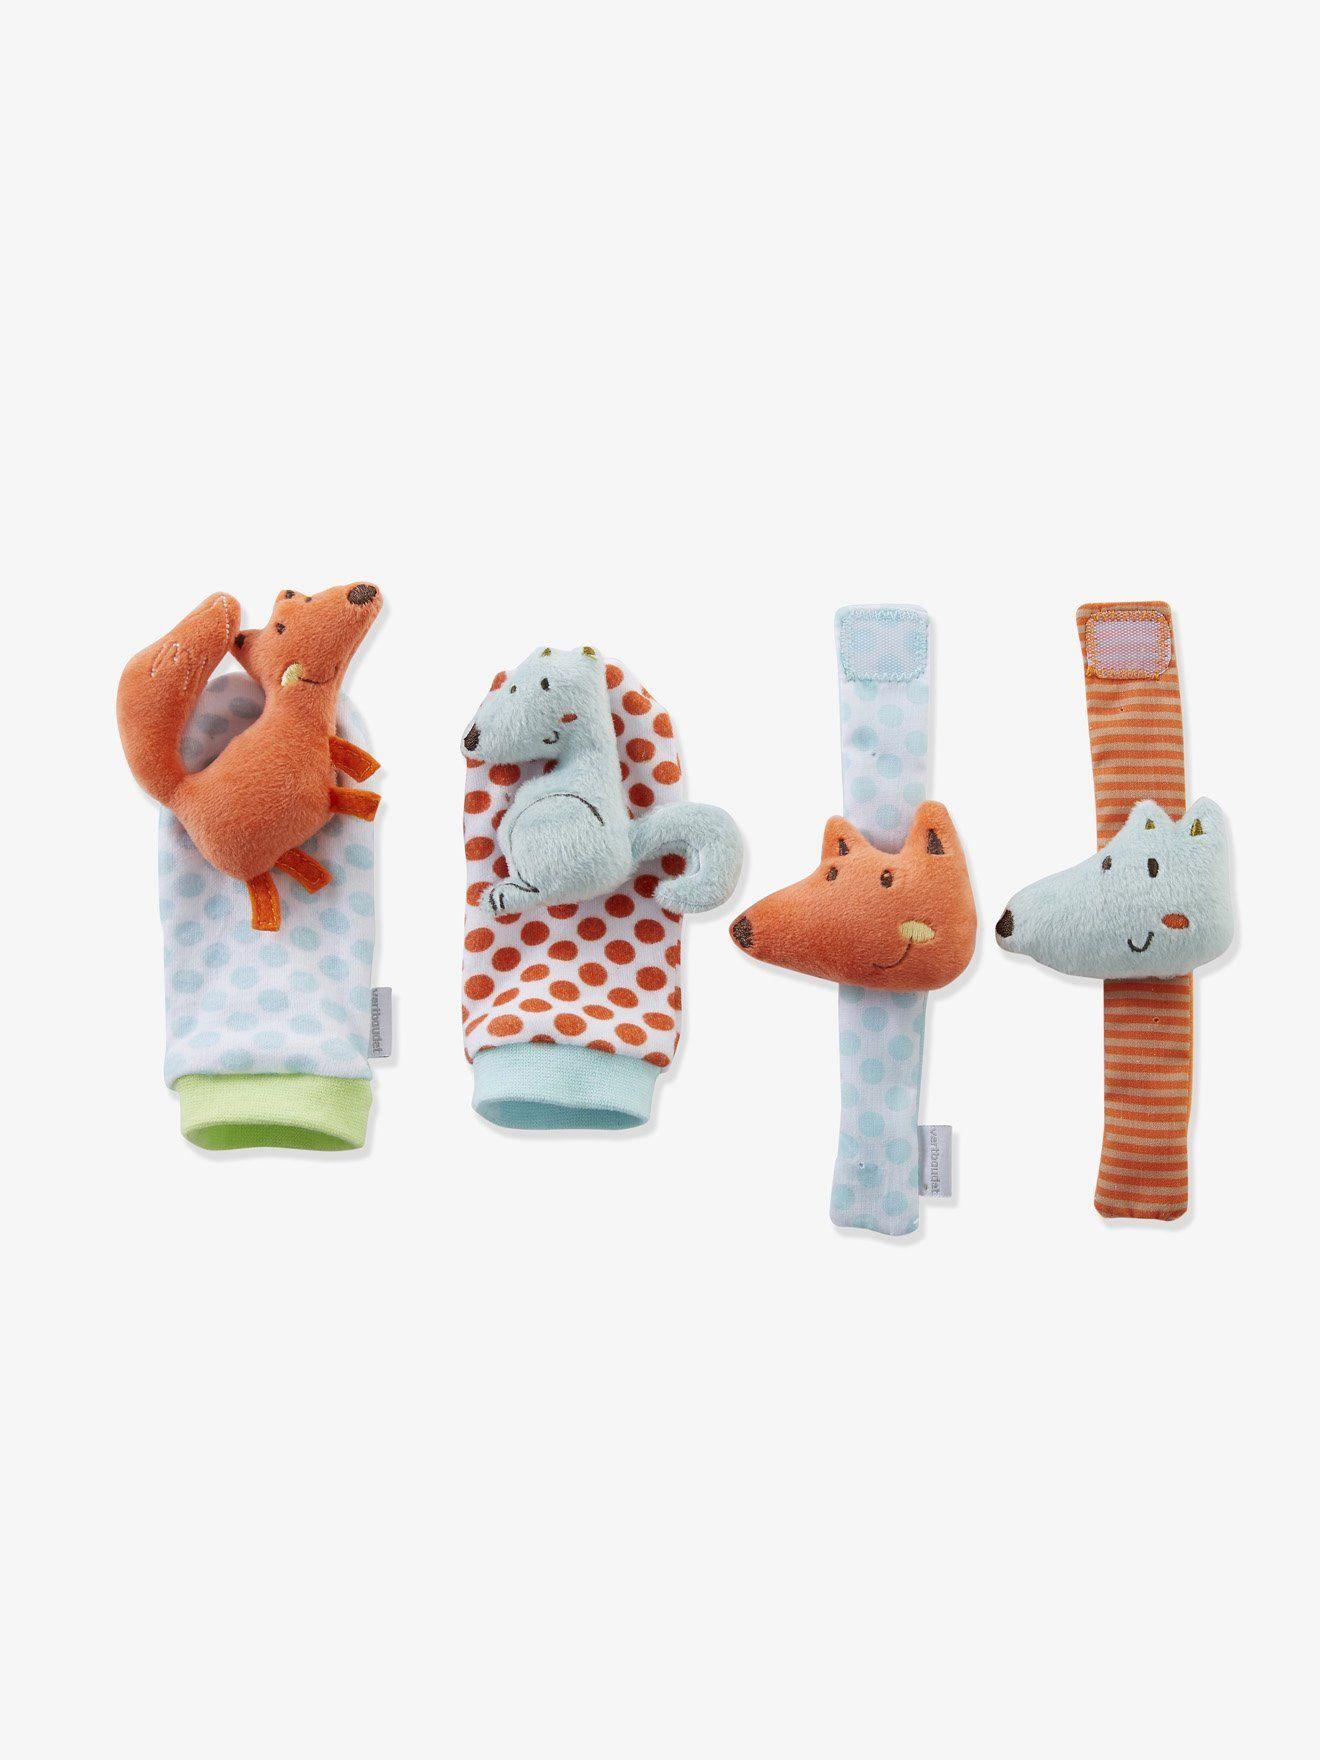 b0a4b40628a20 Hochets d activités bébé bracelets et chaussons renard - écureuil  multicolore - Jouet d